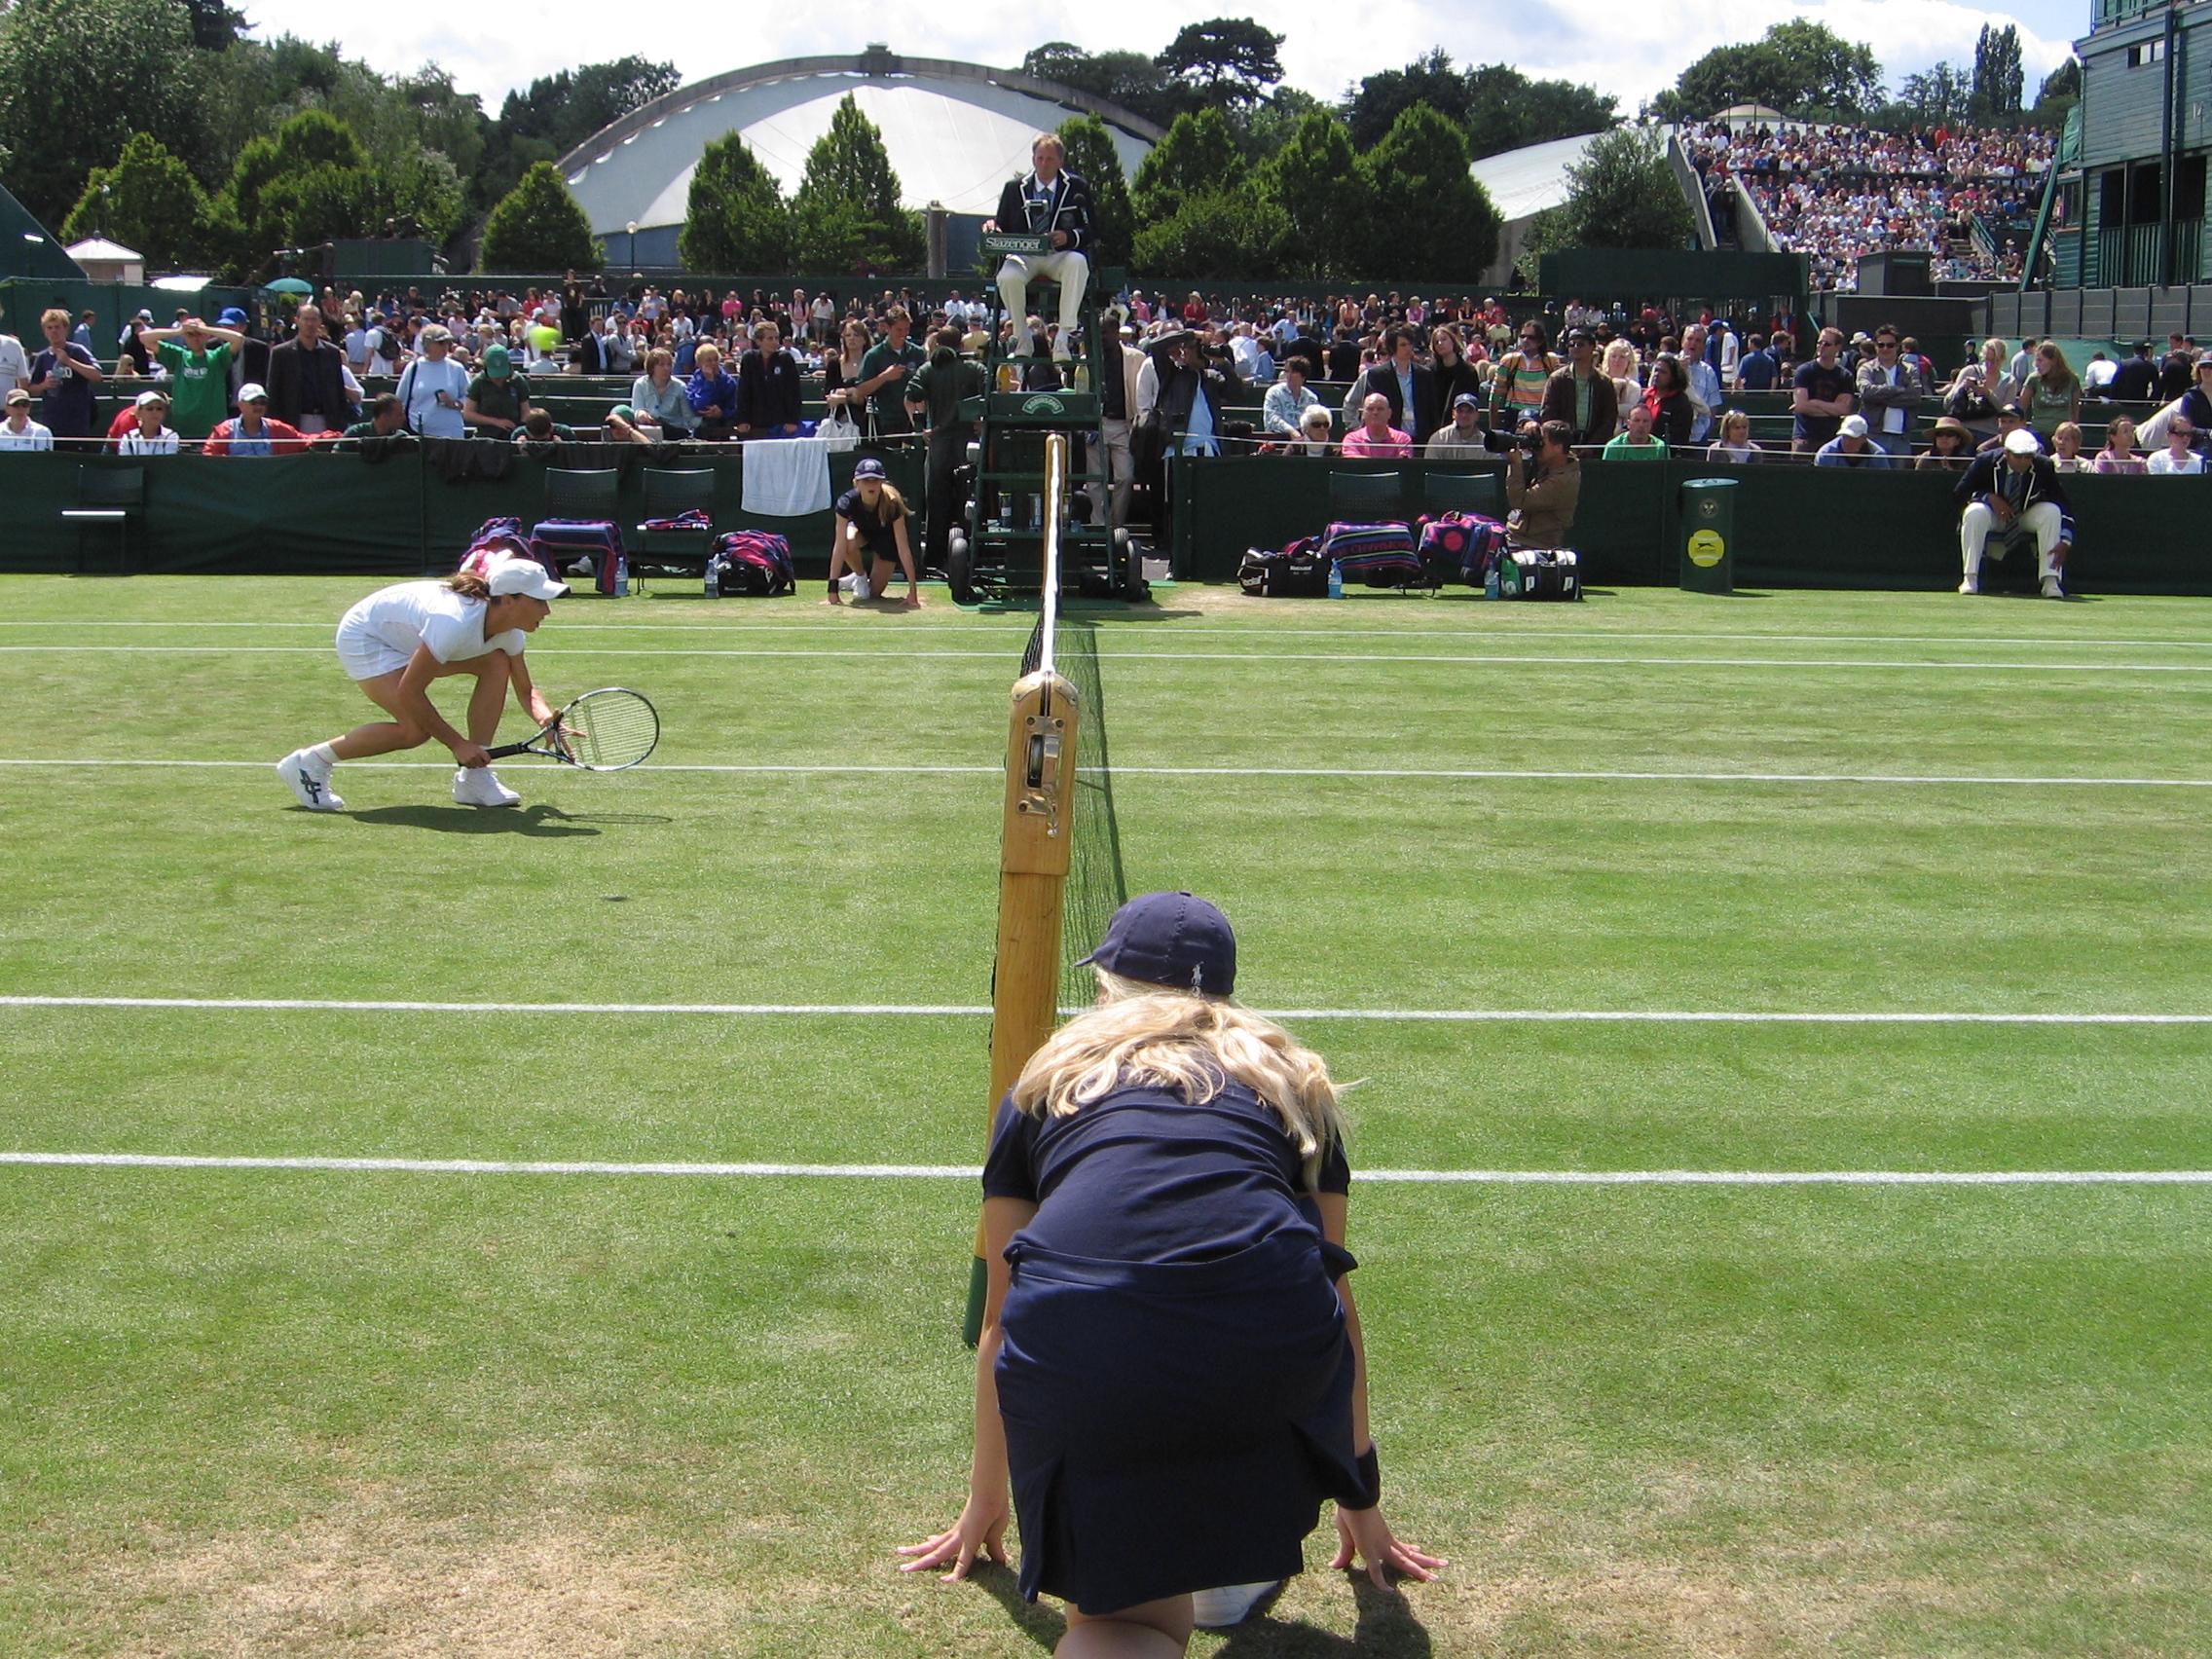 Game, set match: What Wimbledon can teach a creative director